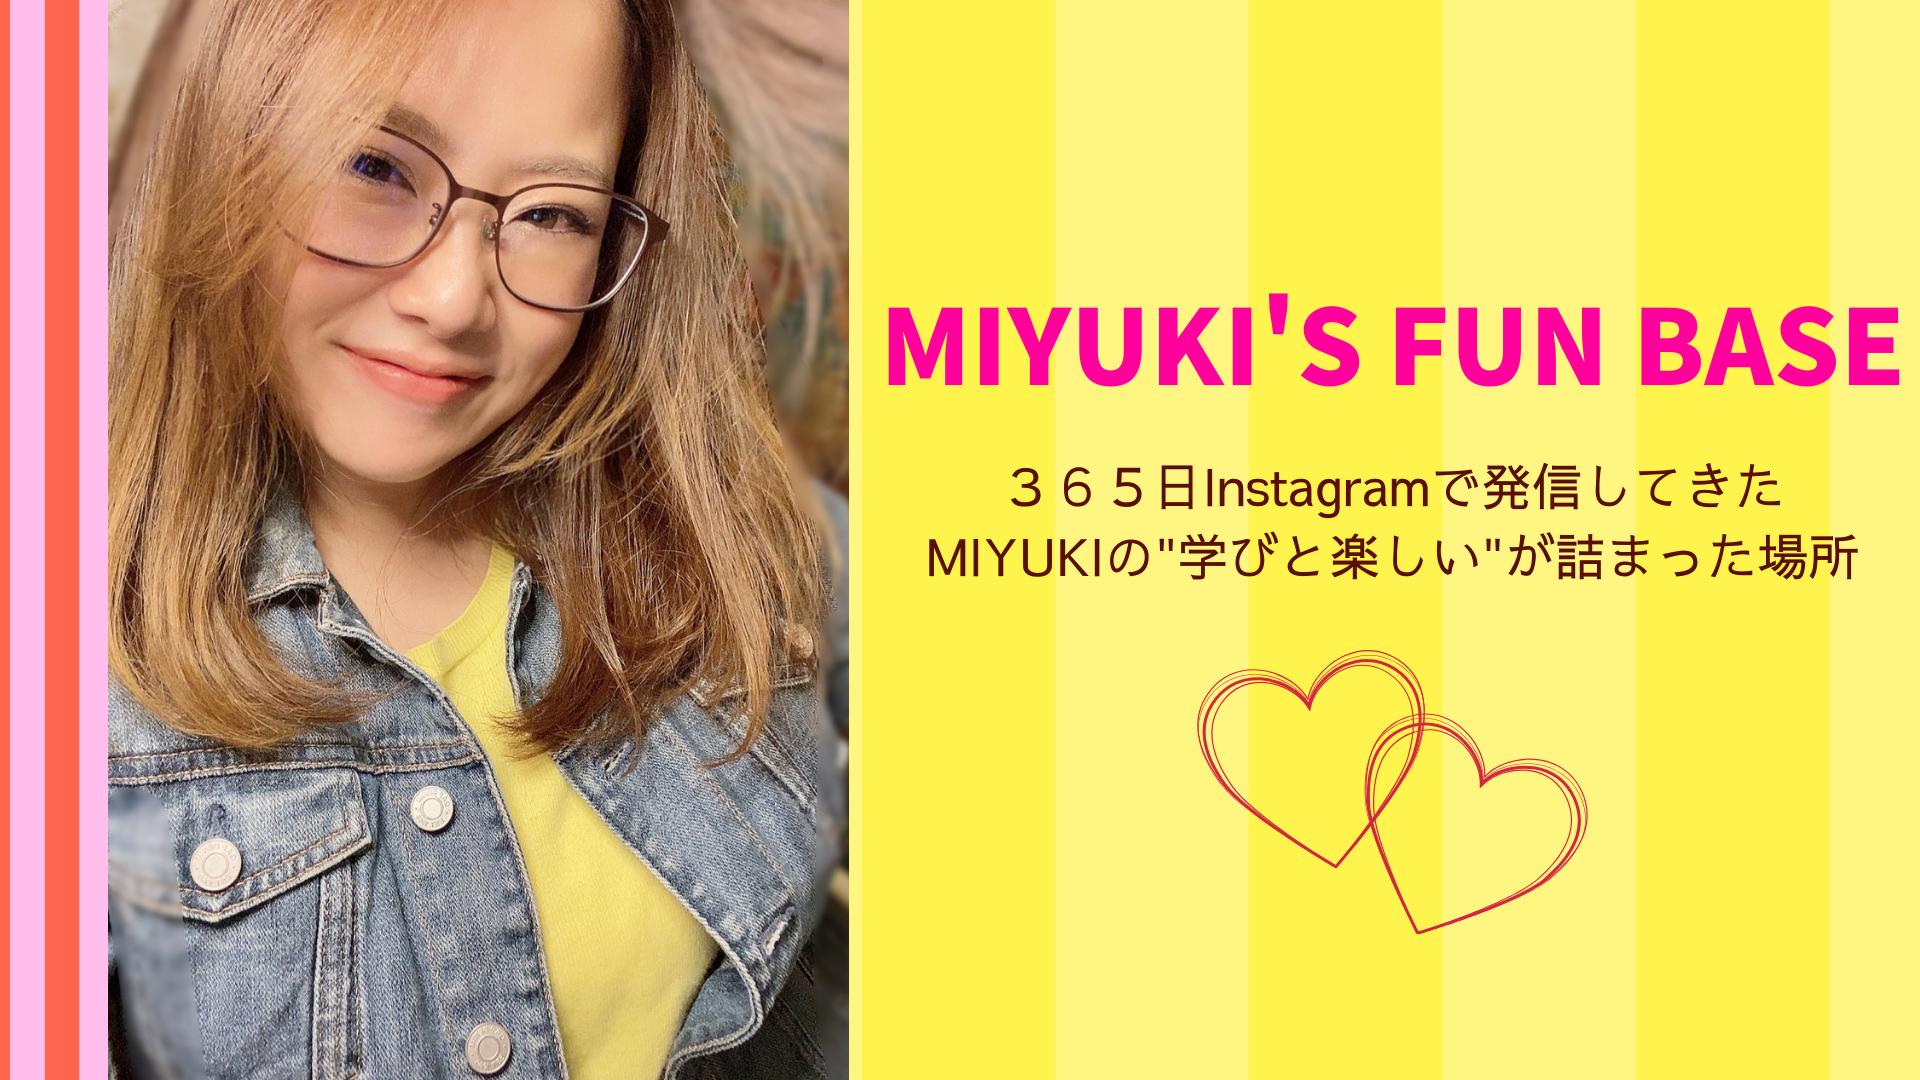 MIYUKI'S FUN BASE